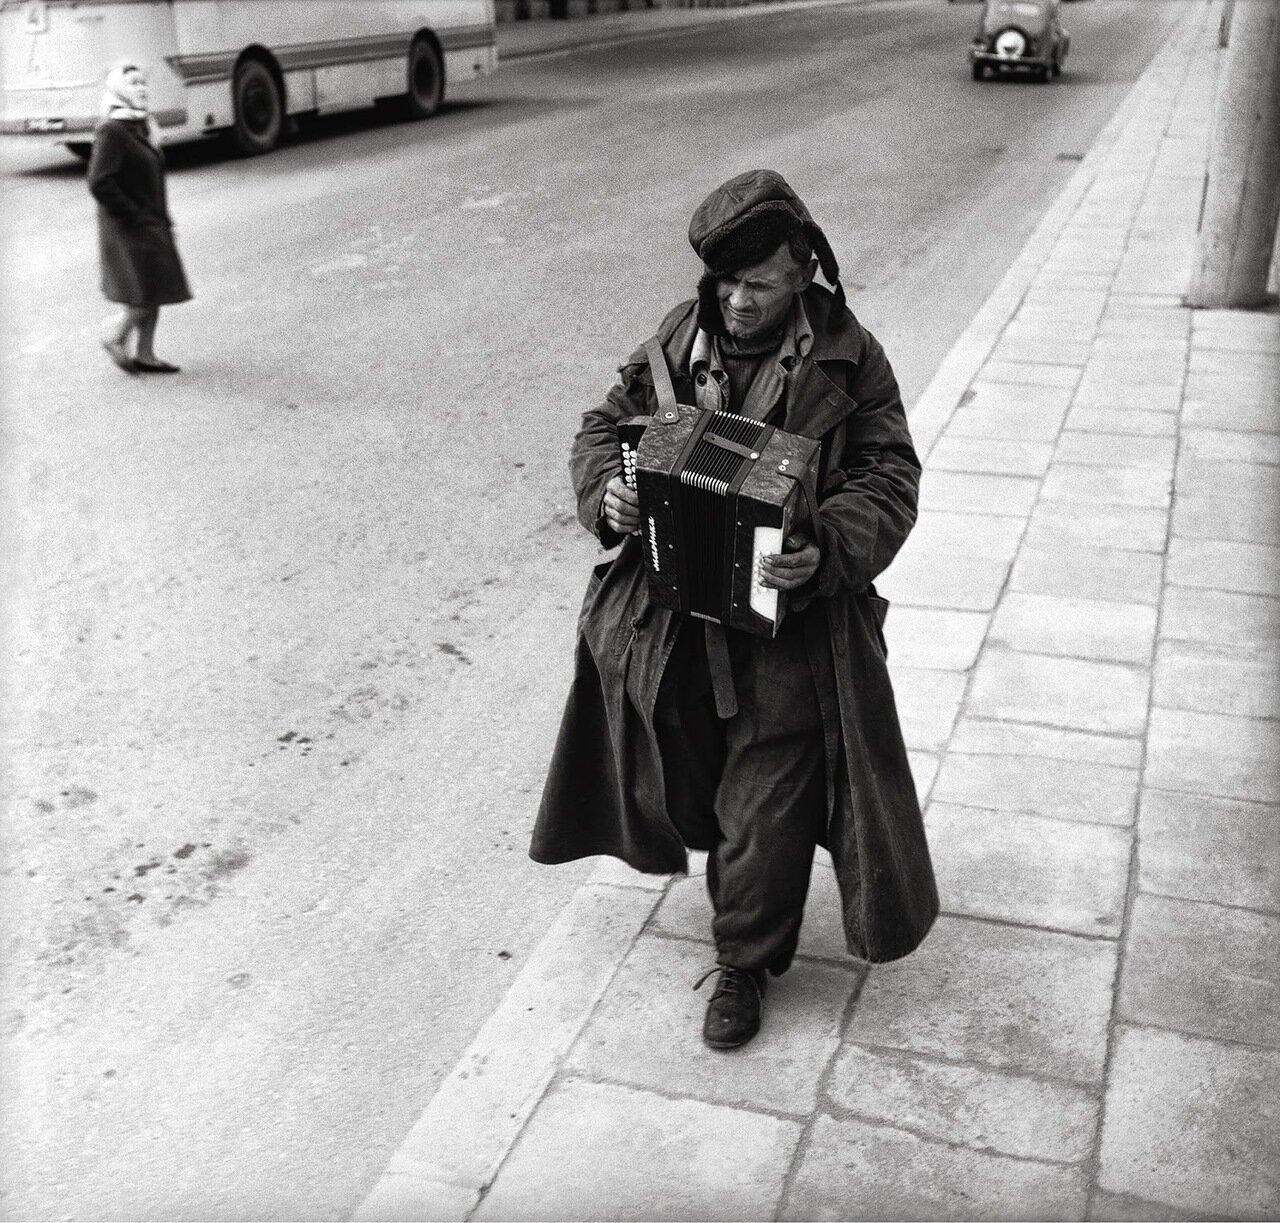 людей советская эпоха фото